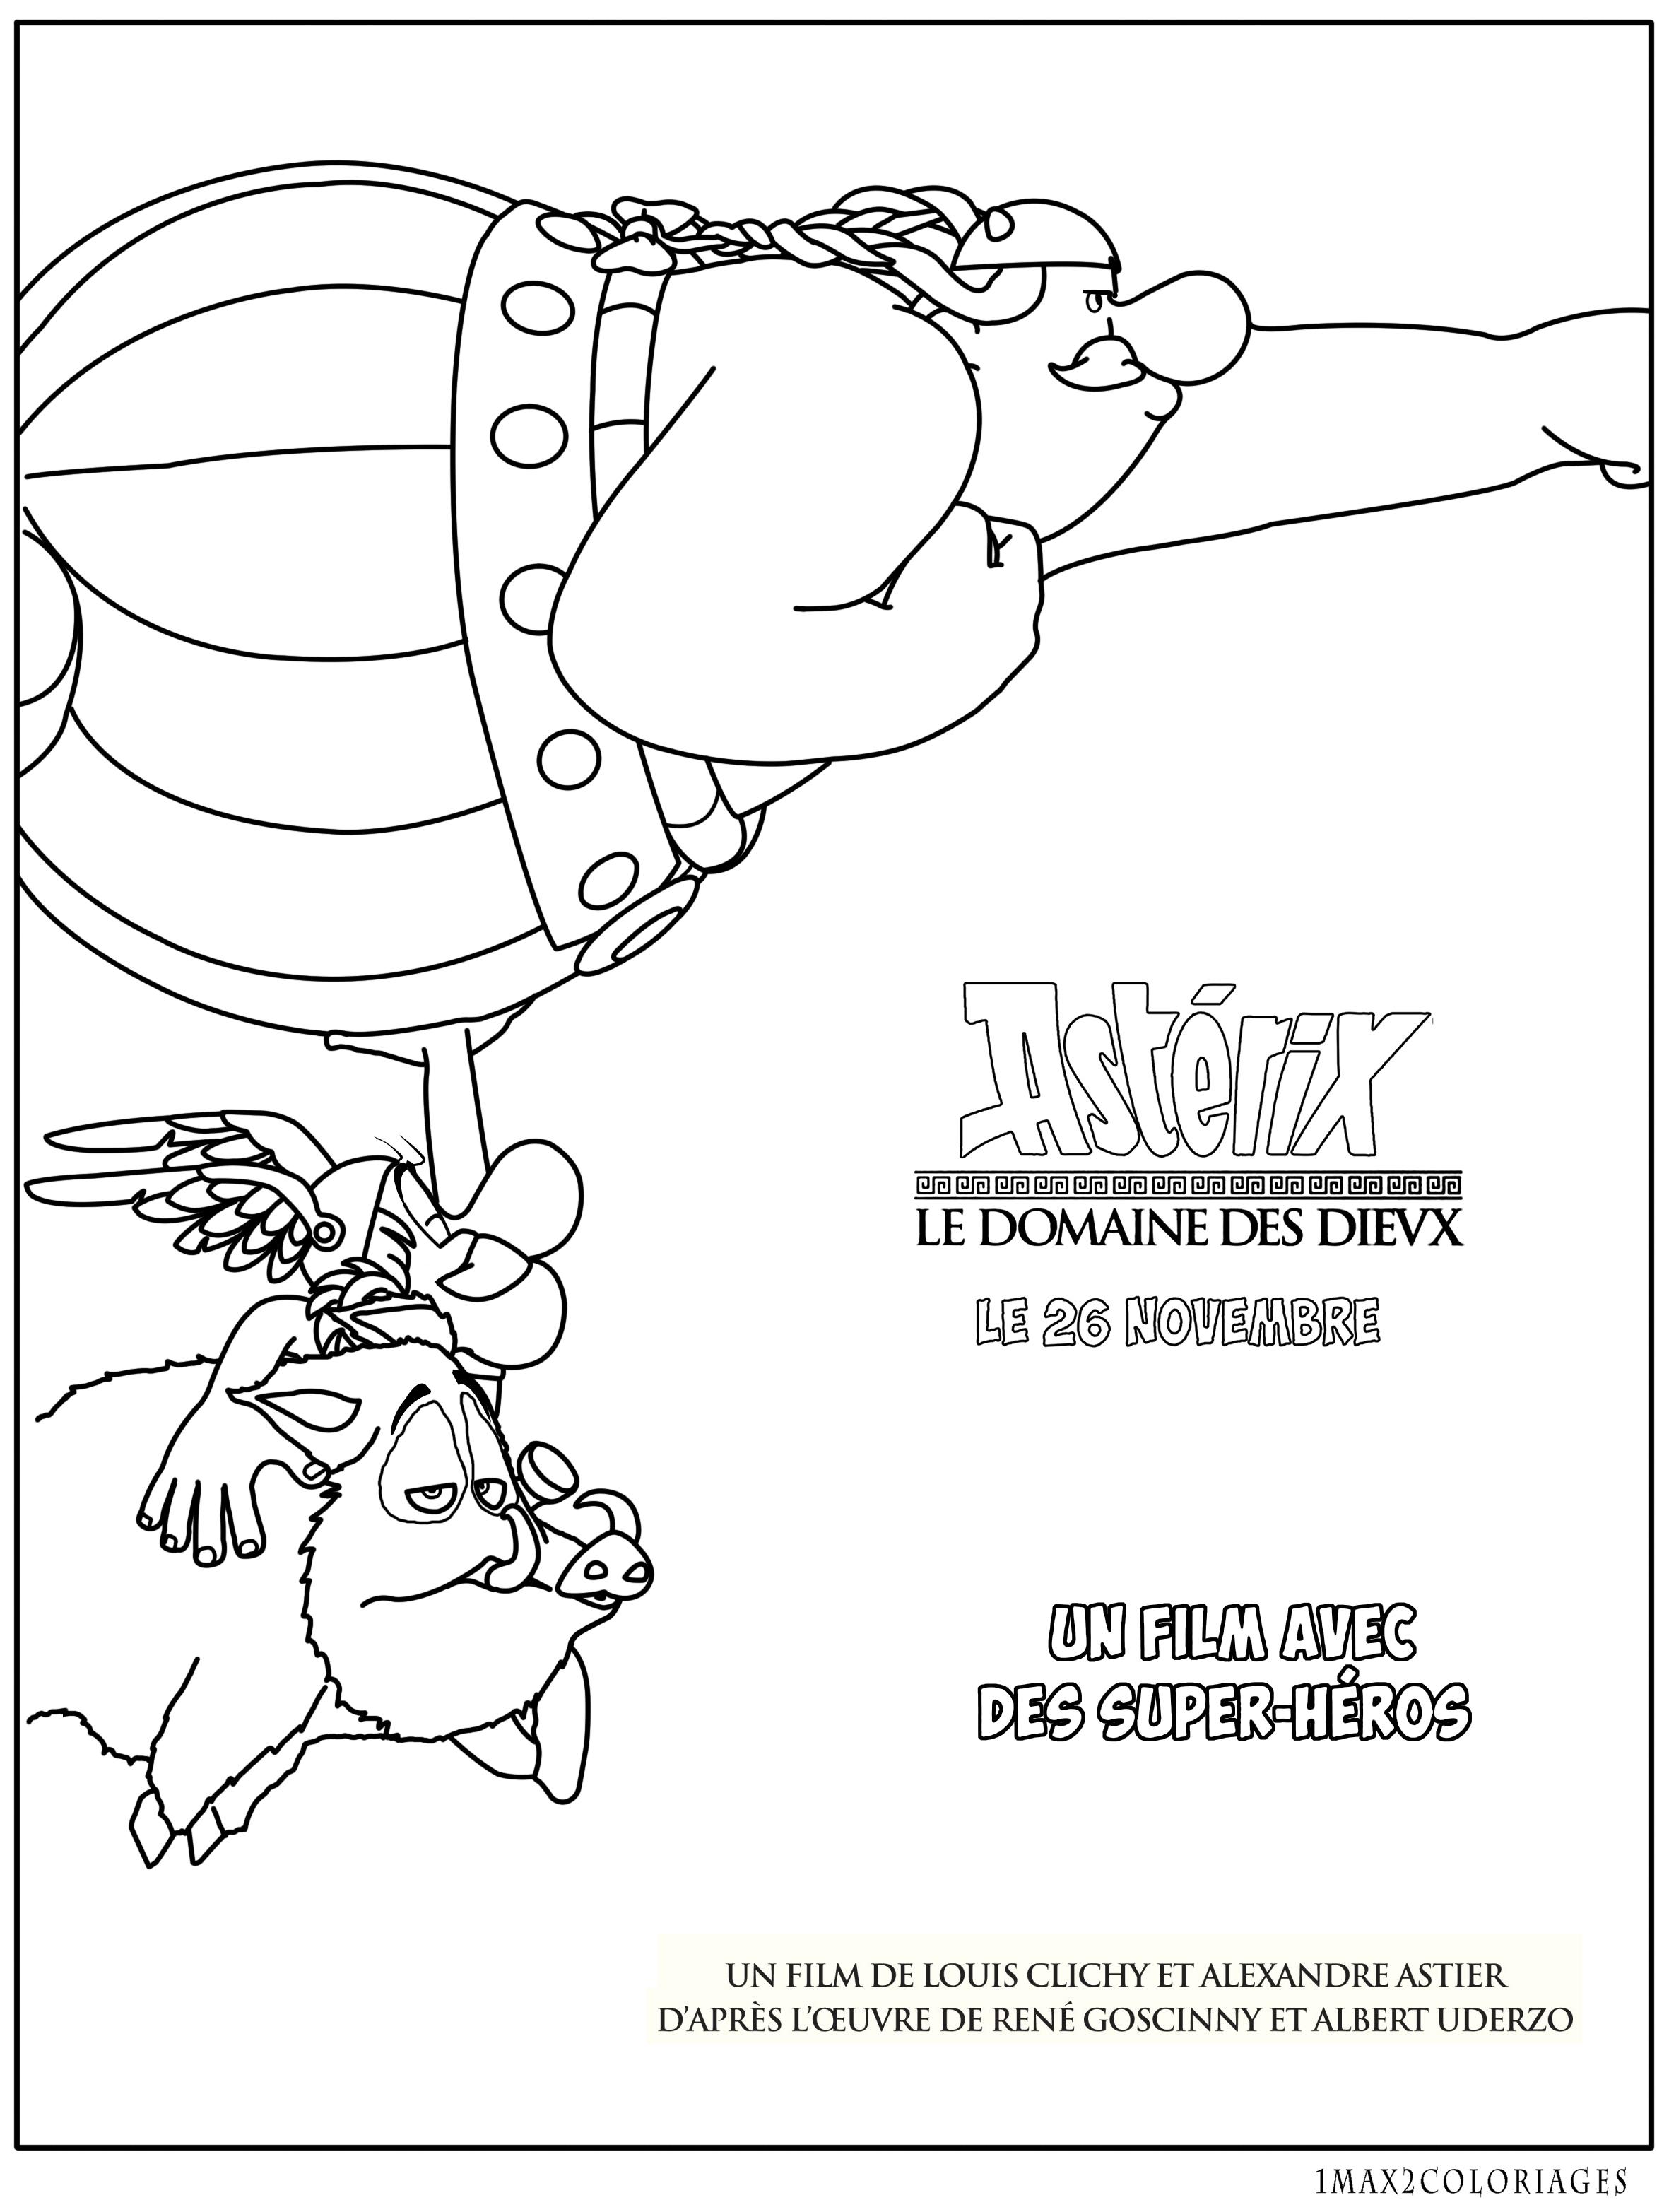 coloriage le domaine des dieux, un film avec des héros : Astérix et